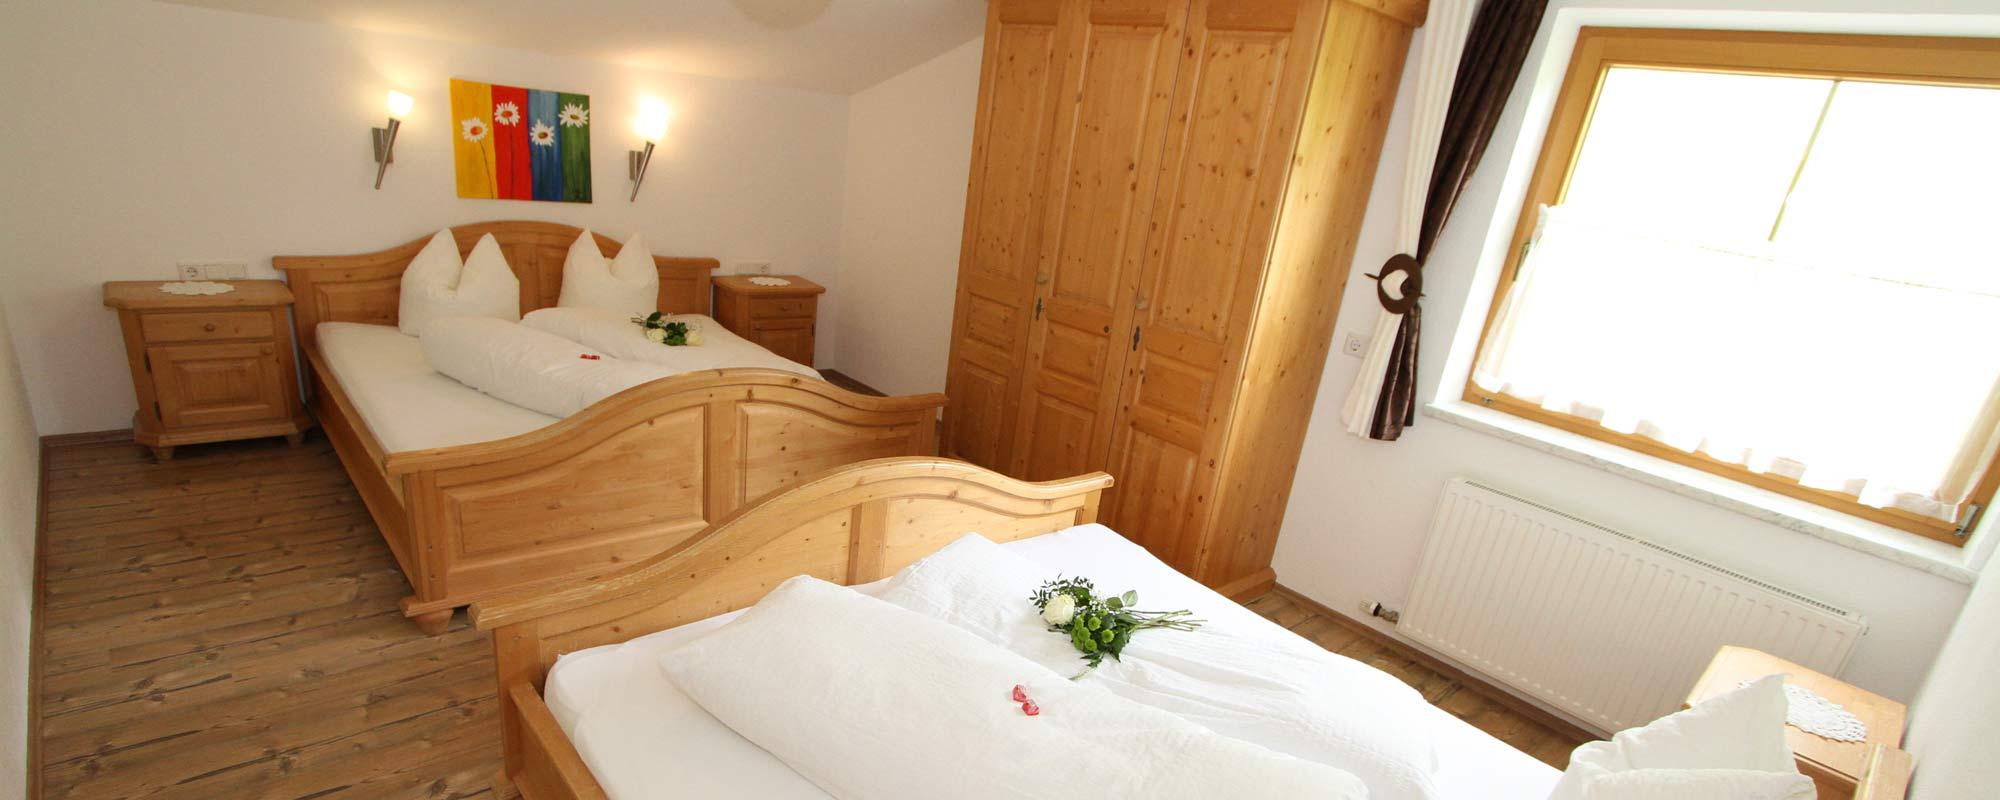 Apartment Sonne & Sonnenschein Schlafzimmern in schöne Holzoptik